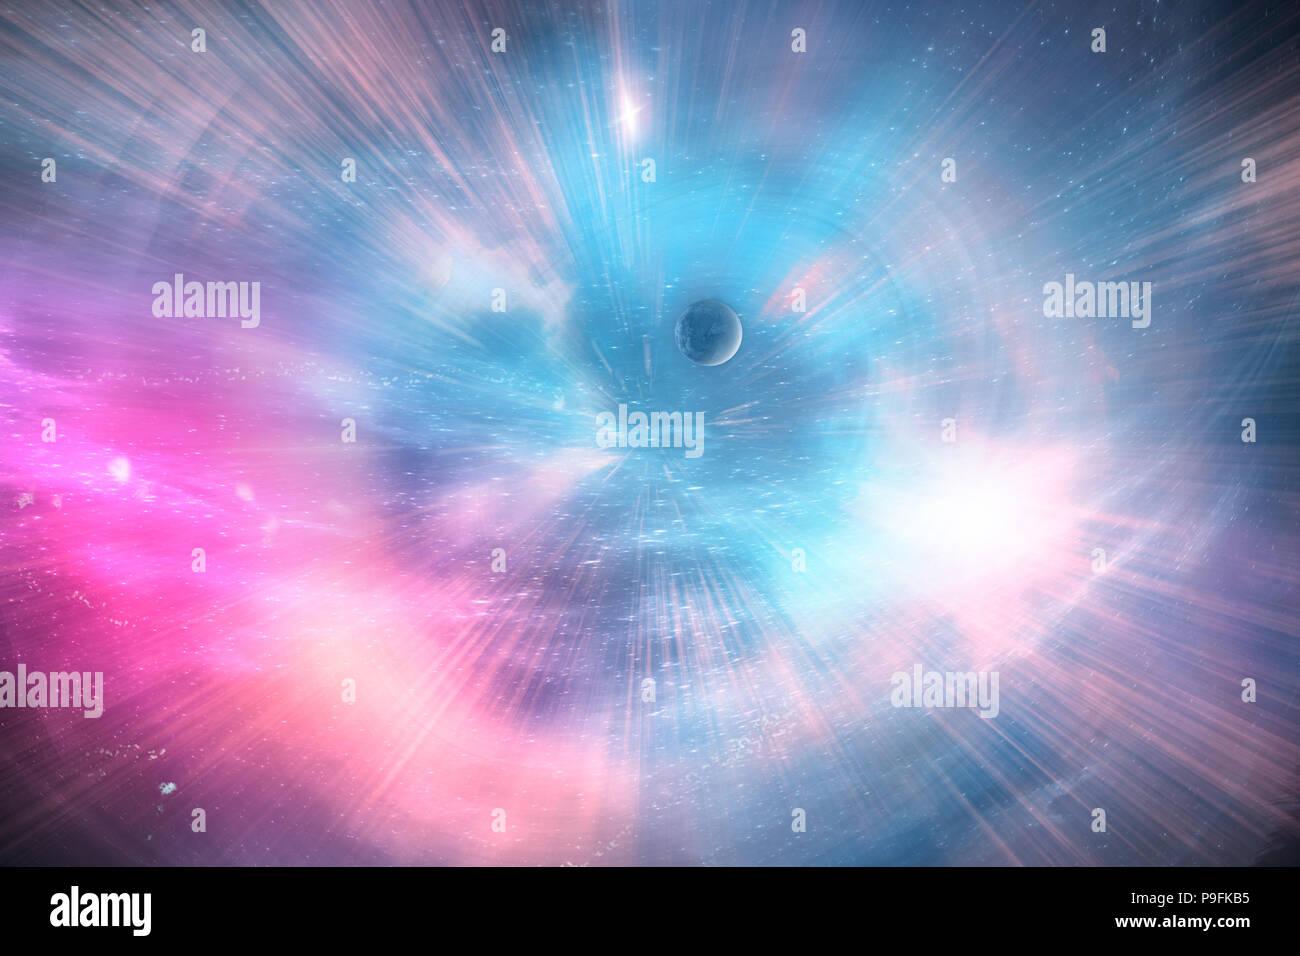 Himmlische kunst, Sterne und Galaxien im Weltraum zeigt die Schönheit des Weltraums. 3D-Rendering, 3D-Darstellung Stockbild